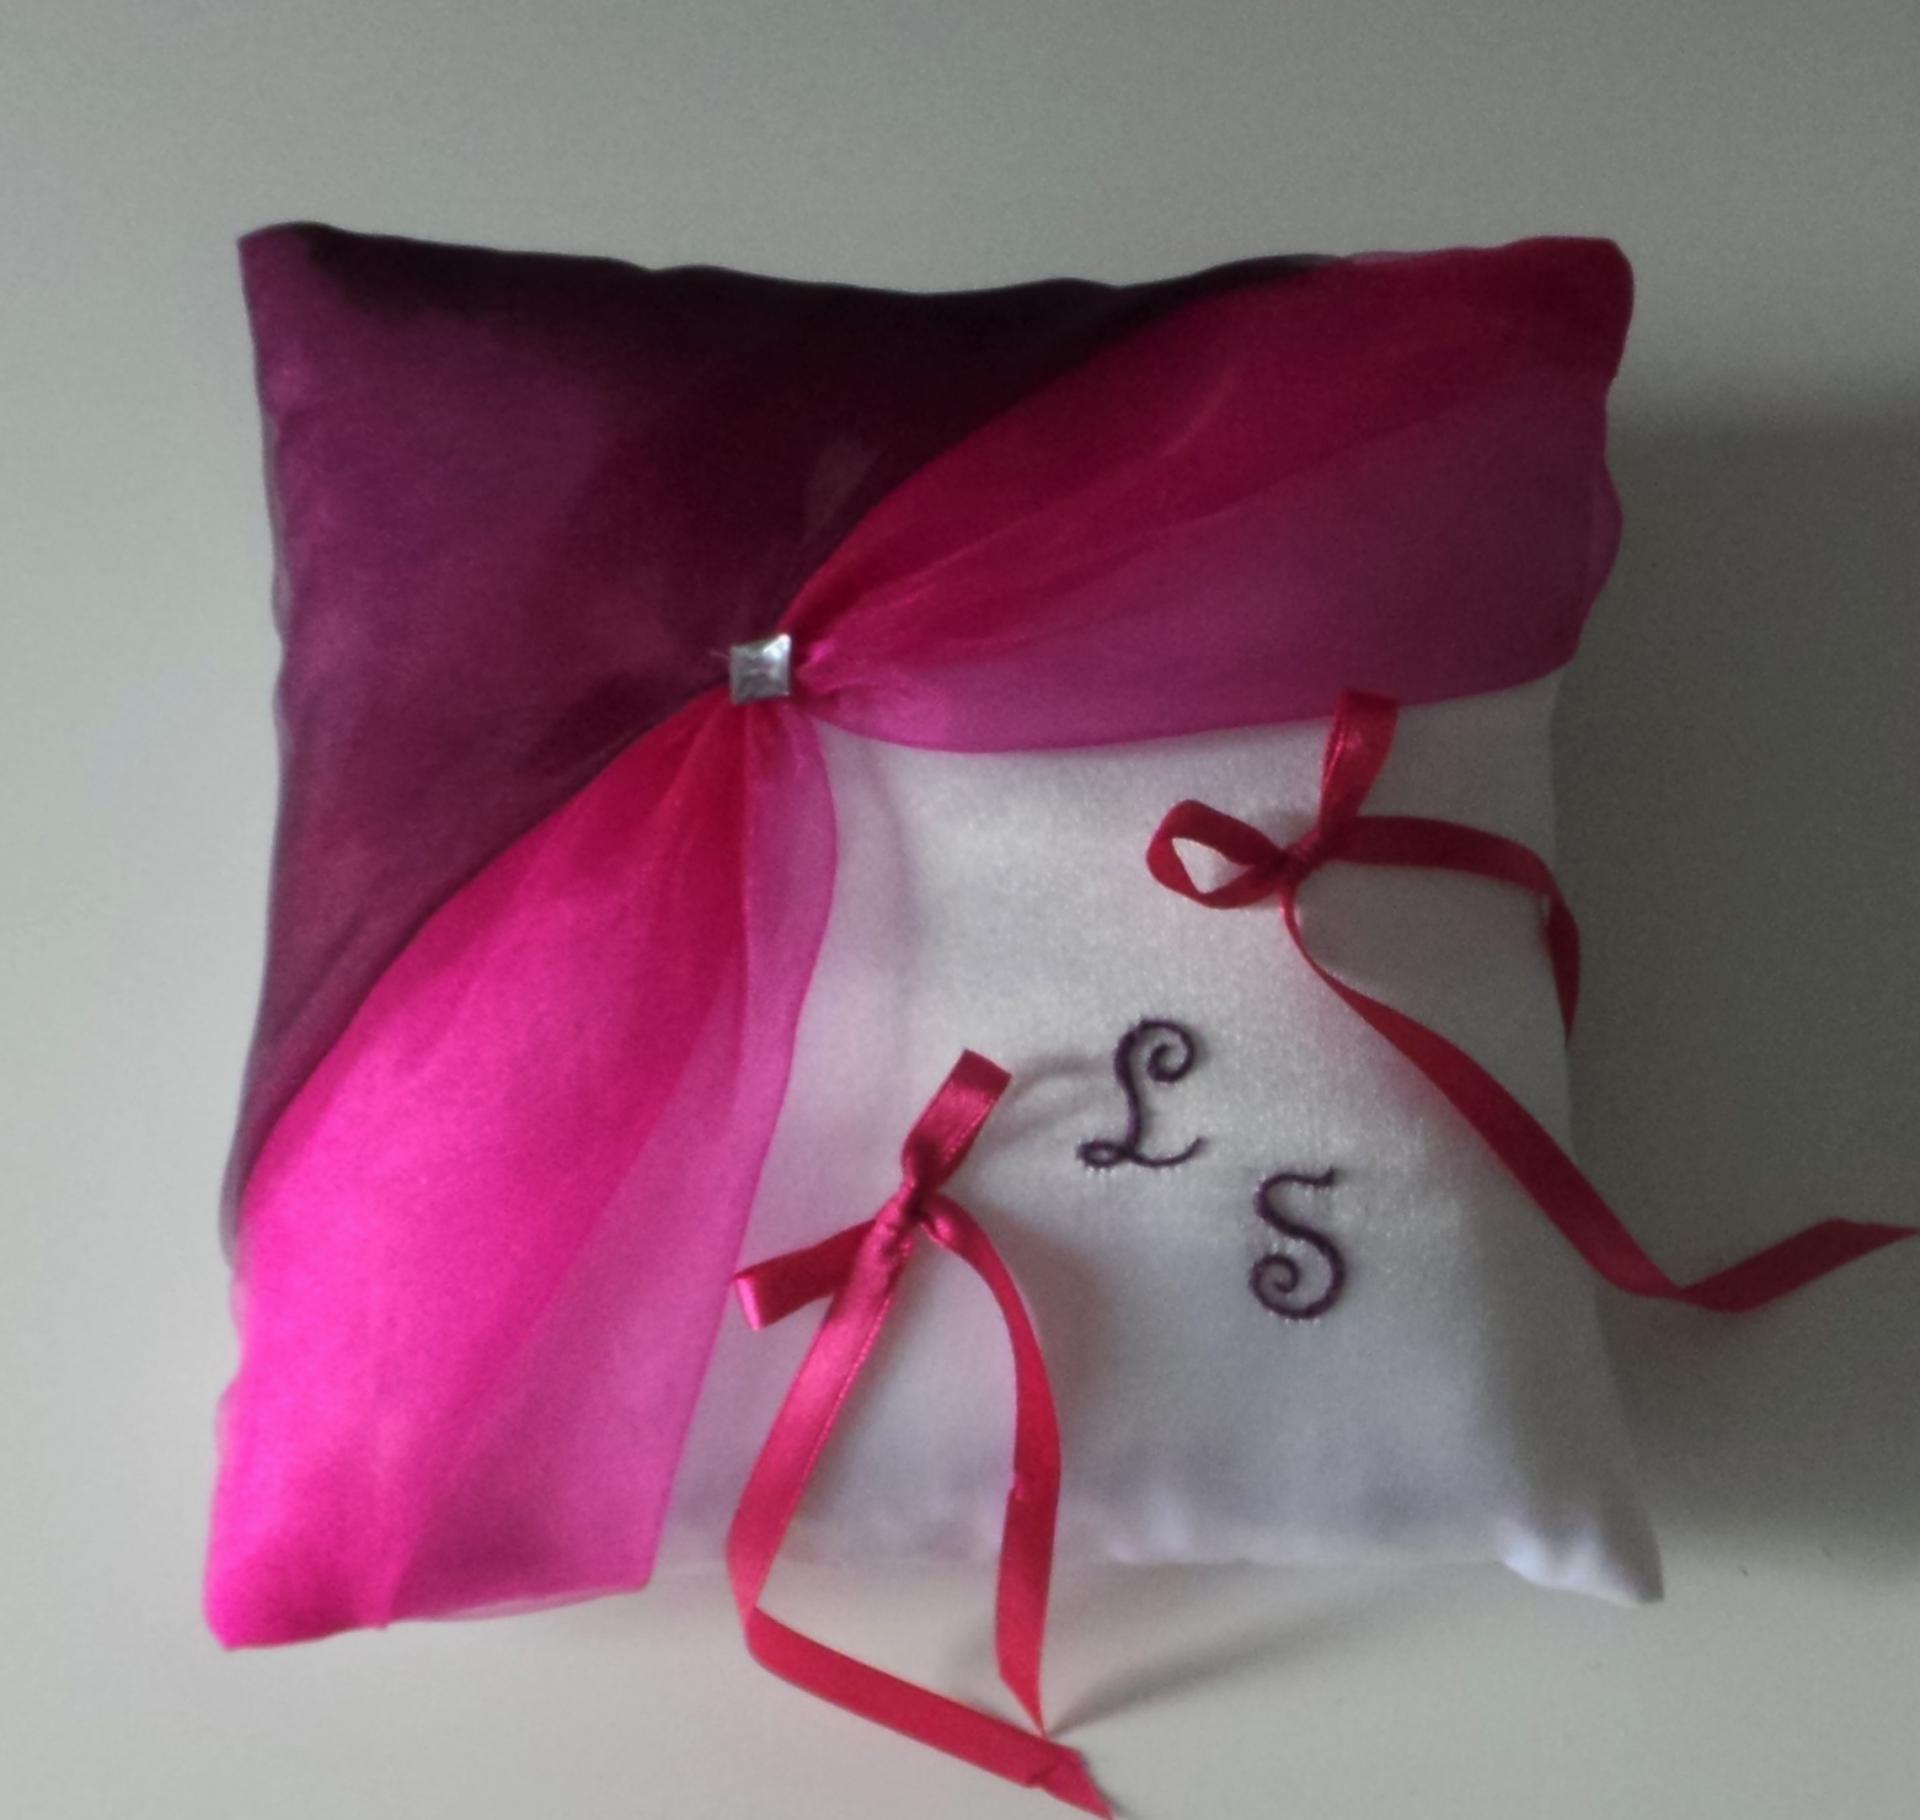 Coussin alliances chic fuchsia violet prune brodé main